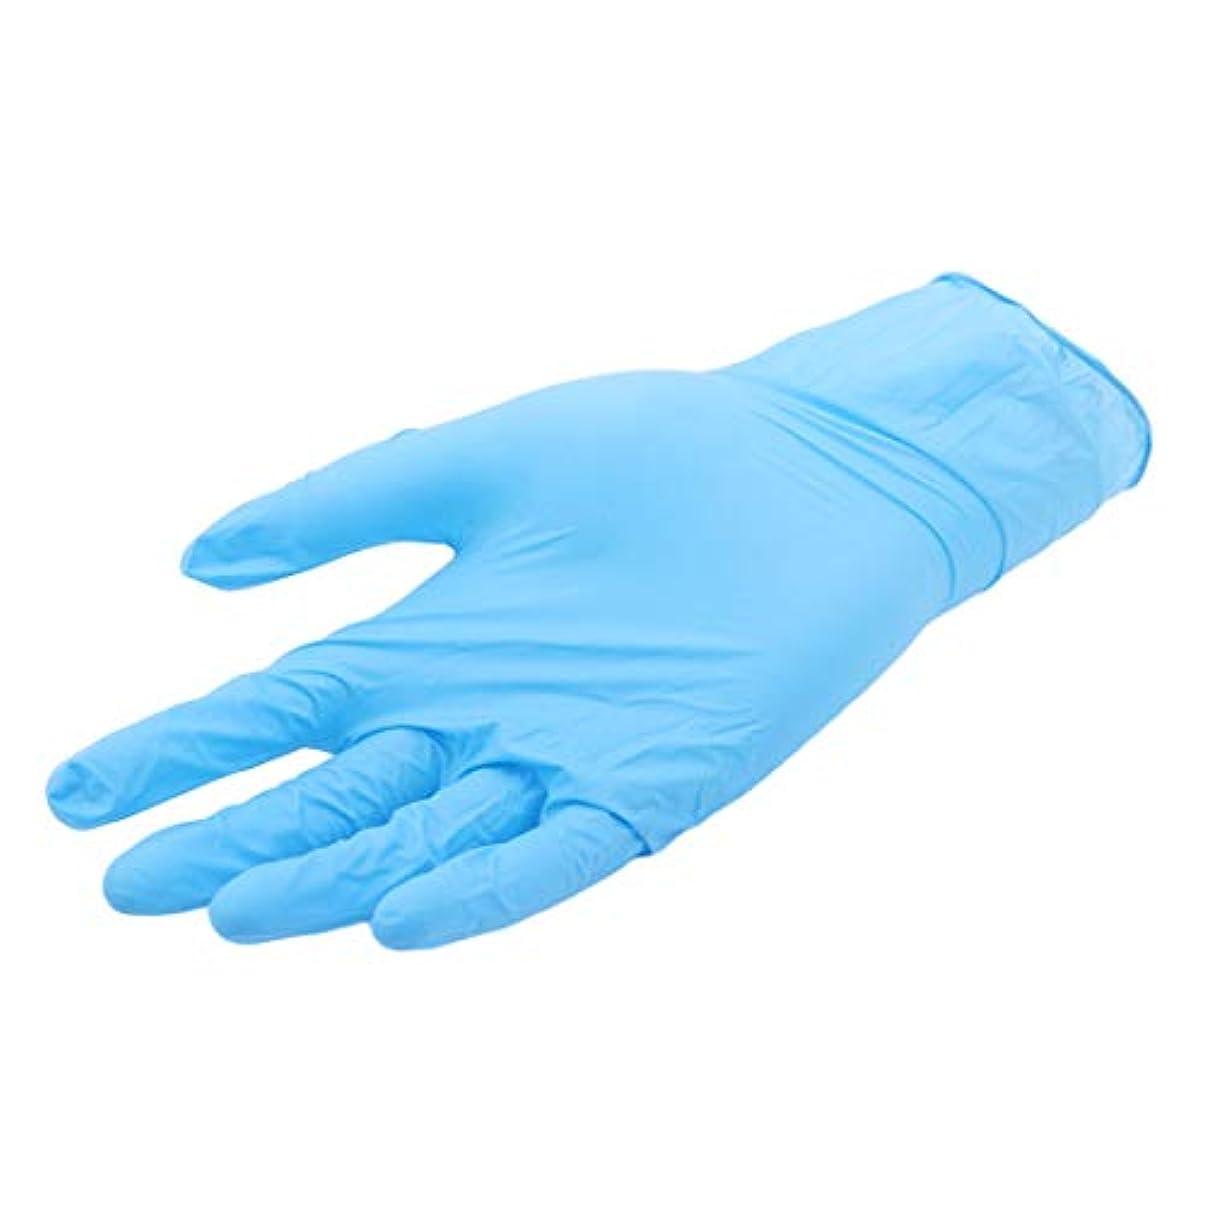 マティスエンジニア誇張するKLUMA ニトリル手袋 使い捨て手袋 100枚入 粉なし 薄い手袋 防水 耐油性 手荒いを防ぎ 園芸 素手感覚